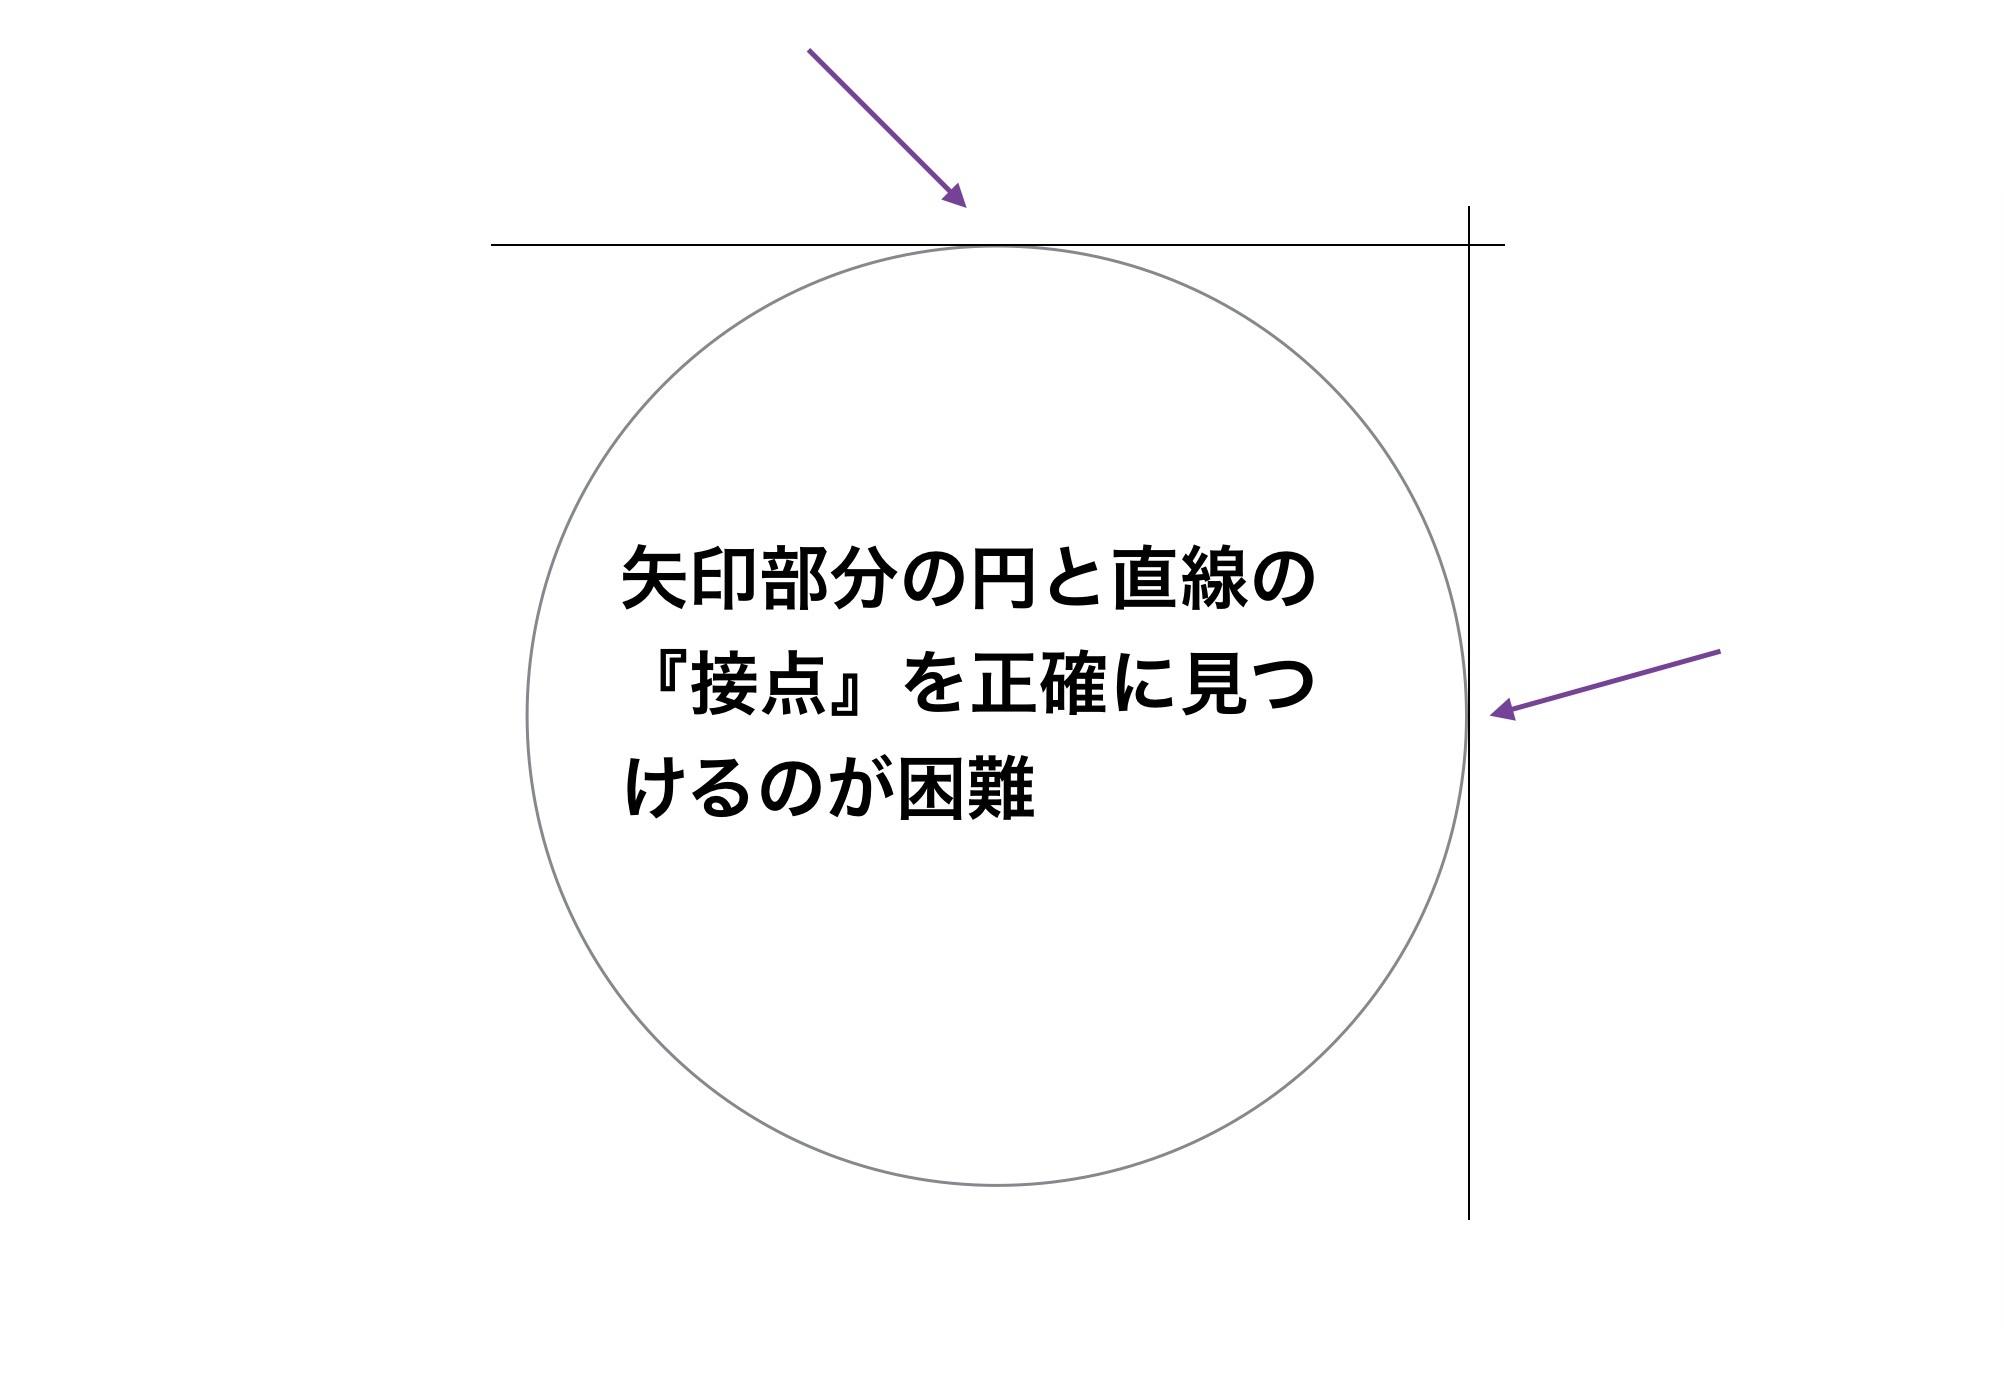 【tm250ESEN】フォークツール製作_e0159646_16470451.jpg